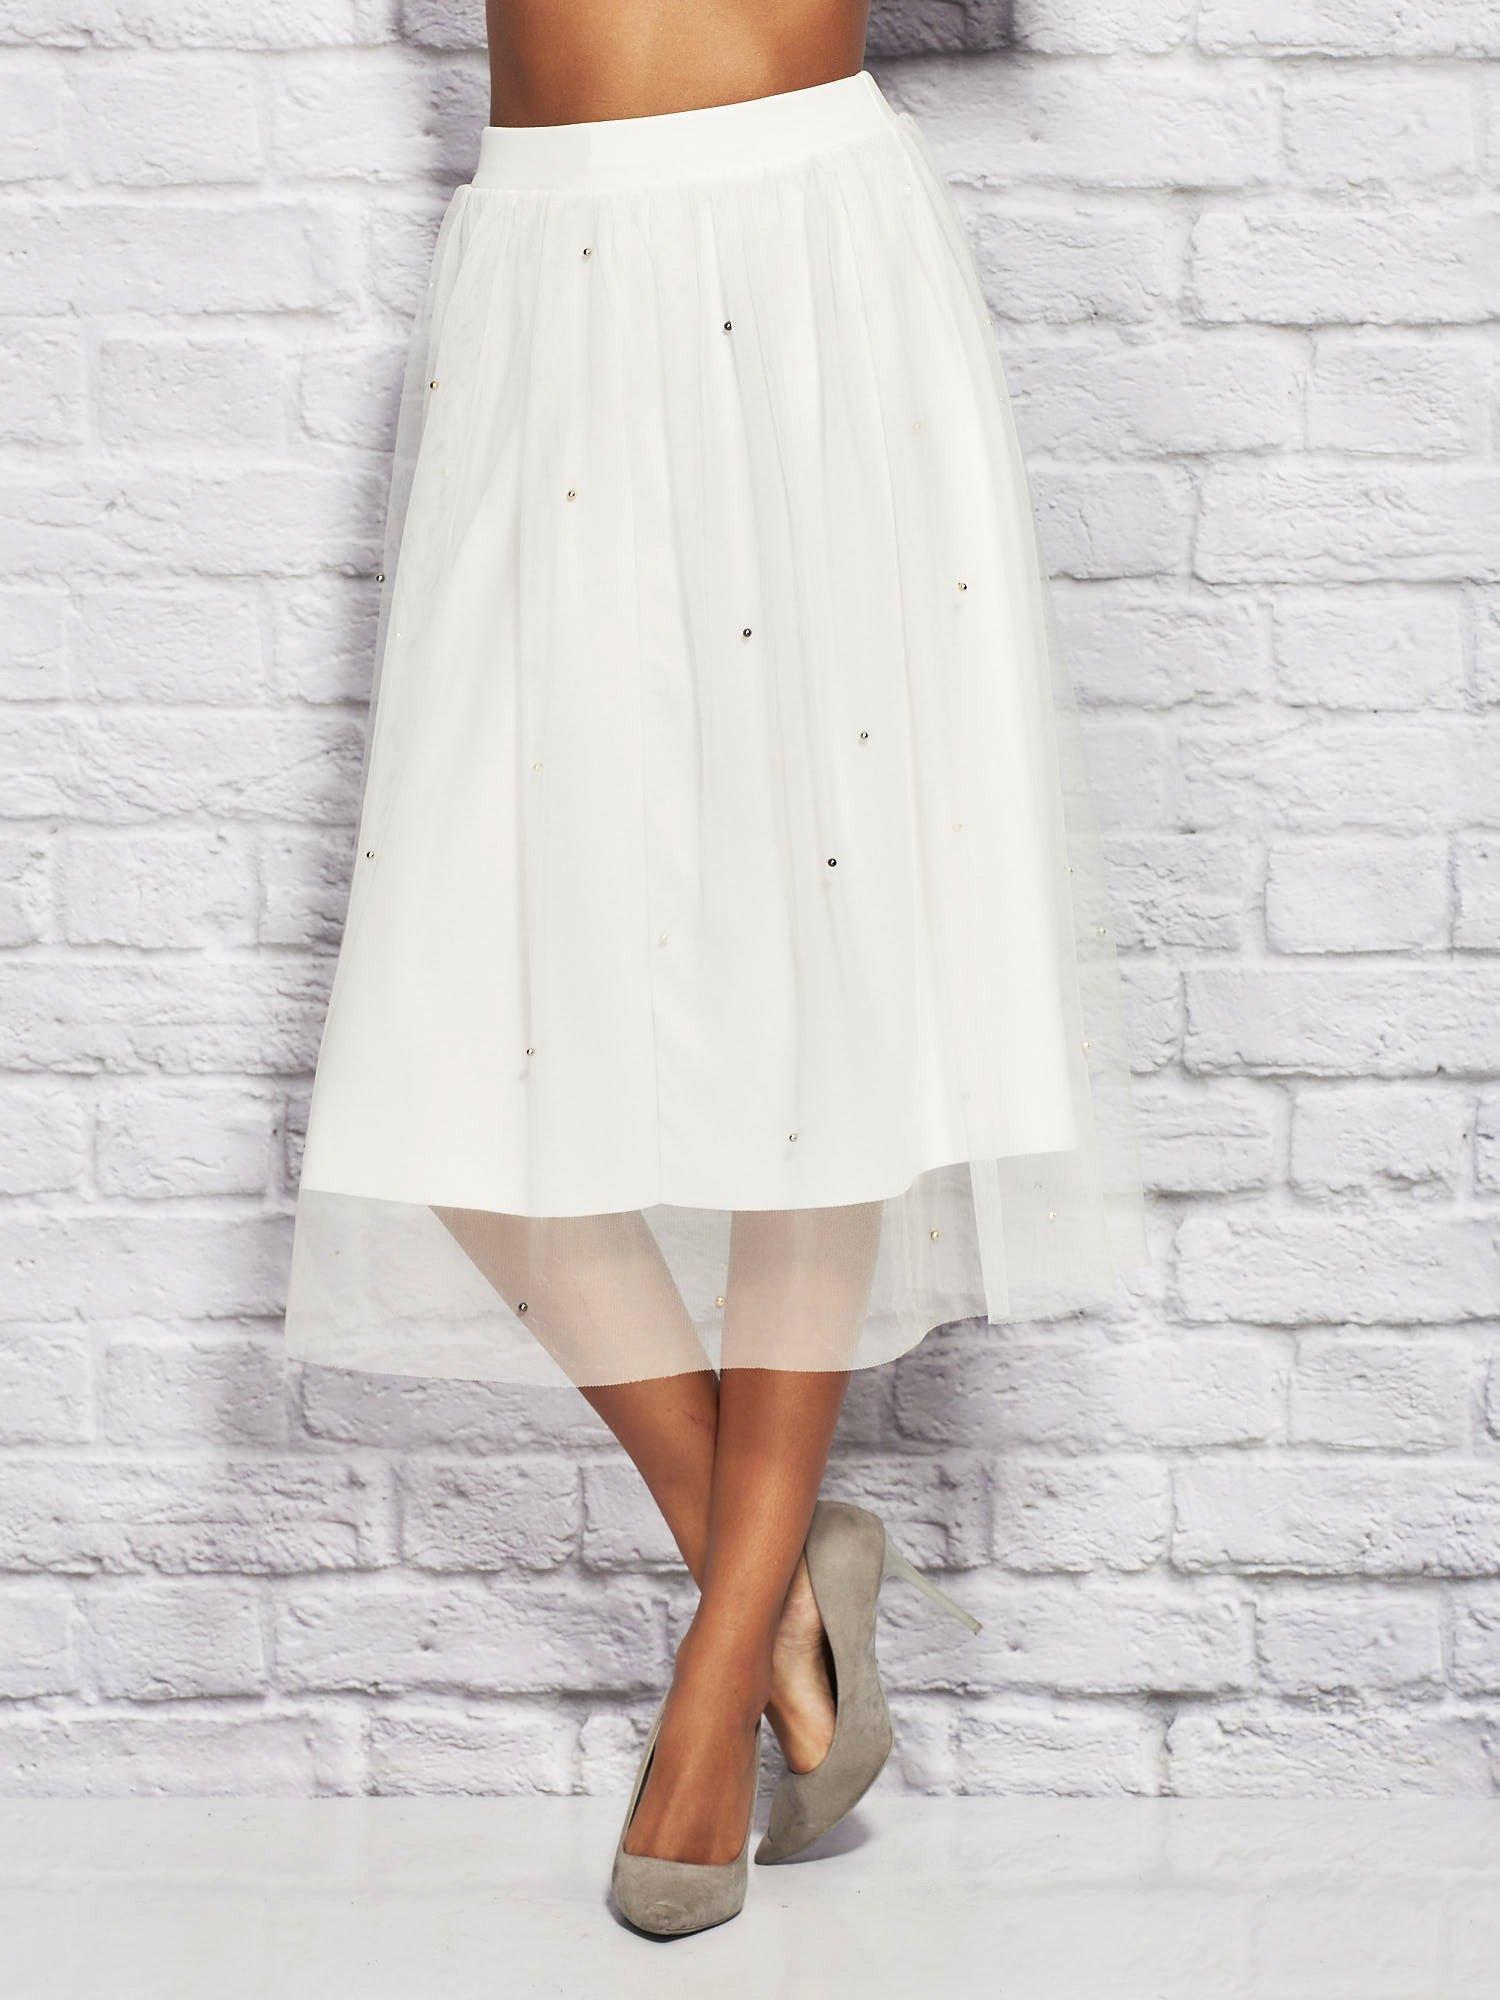 b1bd0a7b Biała tiulowa spódnica midi z perełkami